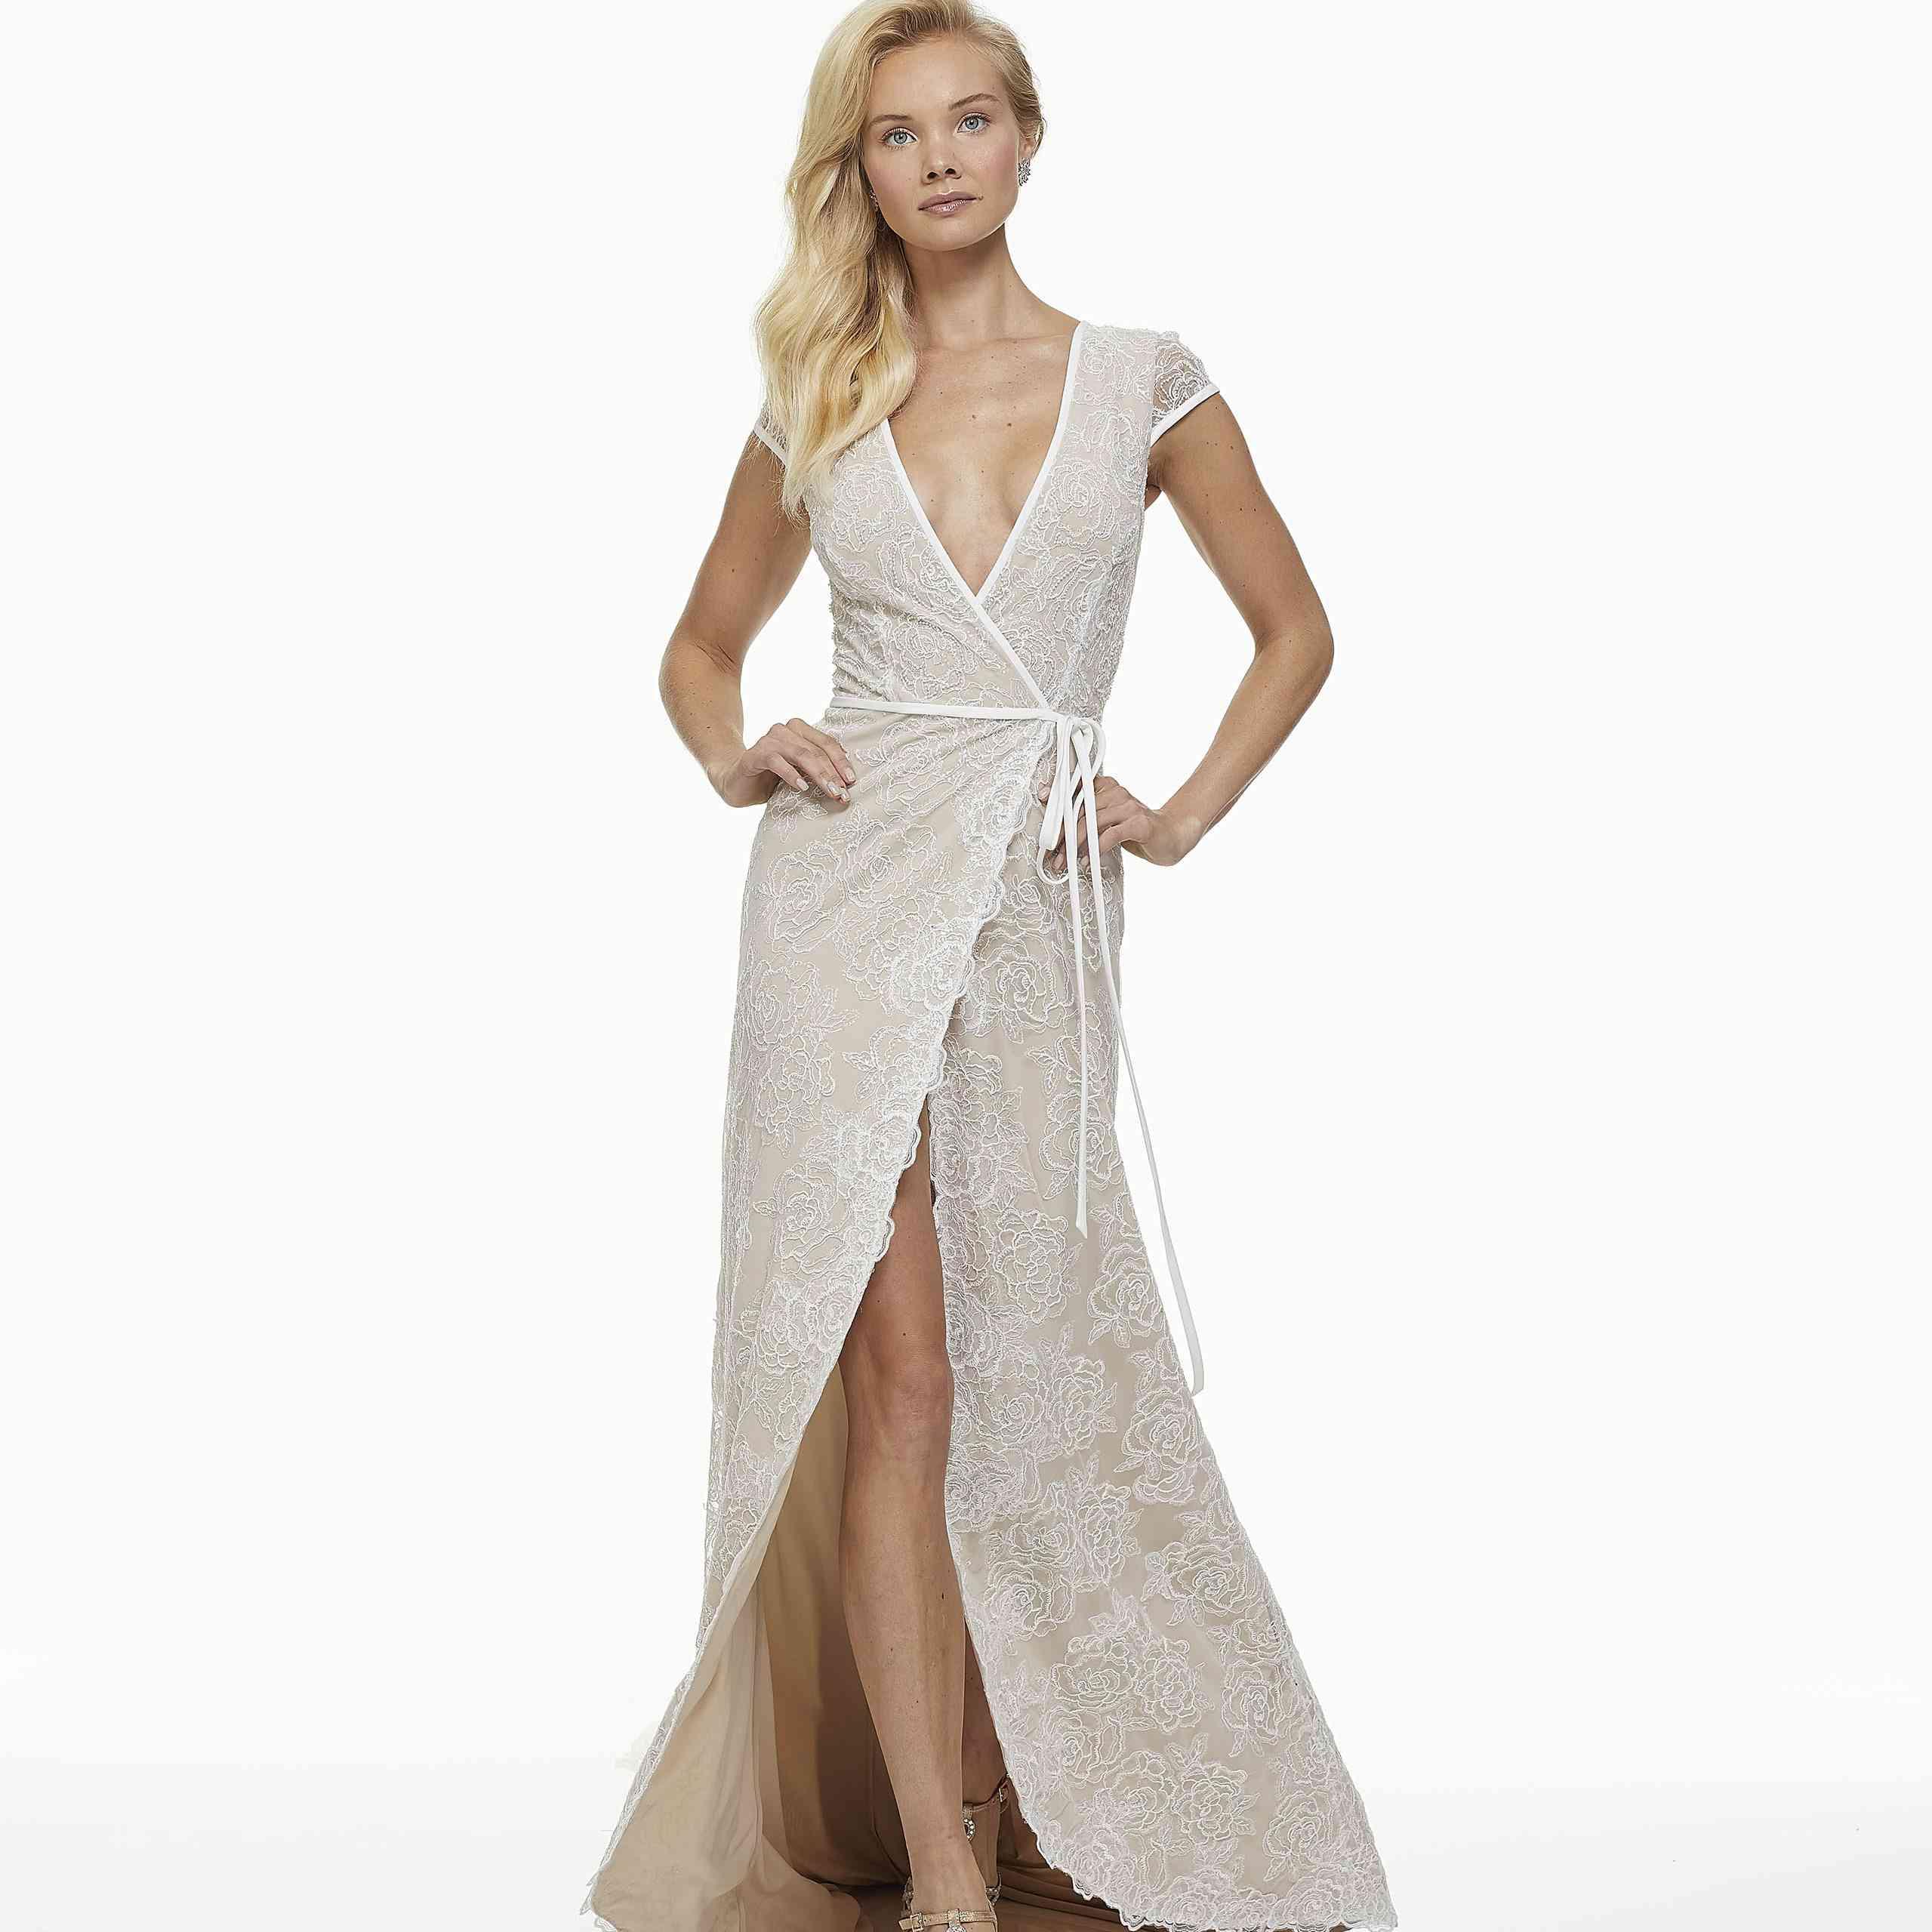 Model in wraparound lace wedding dress